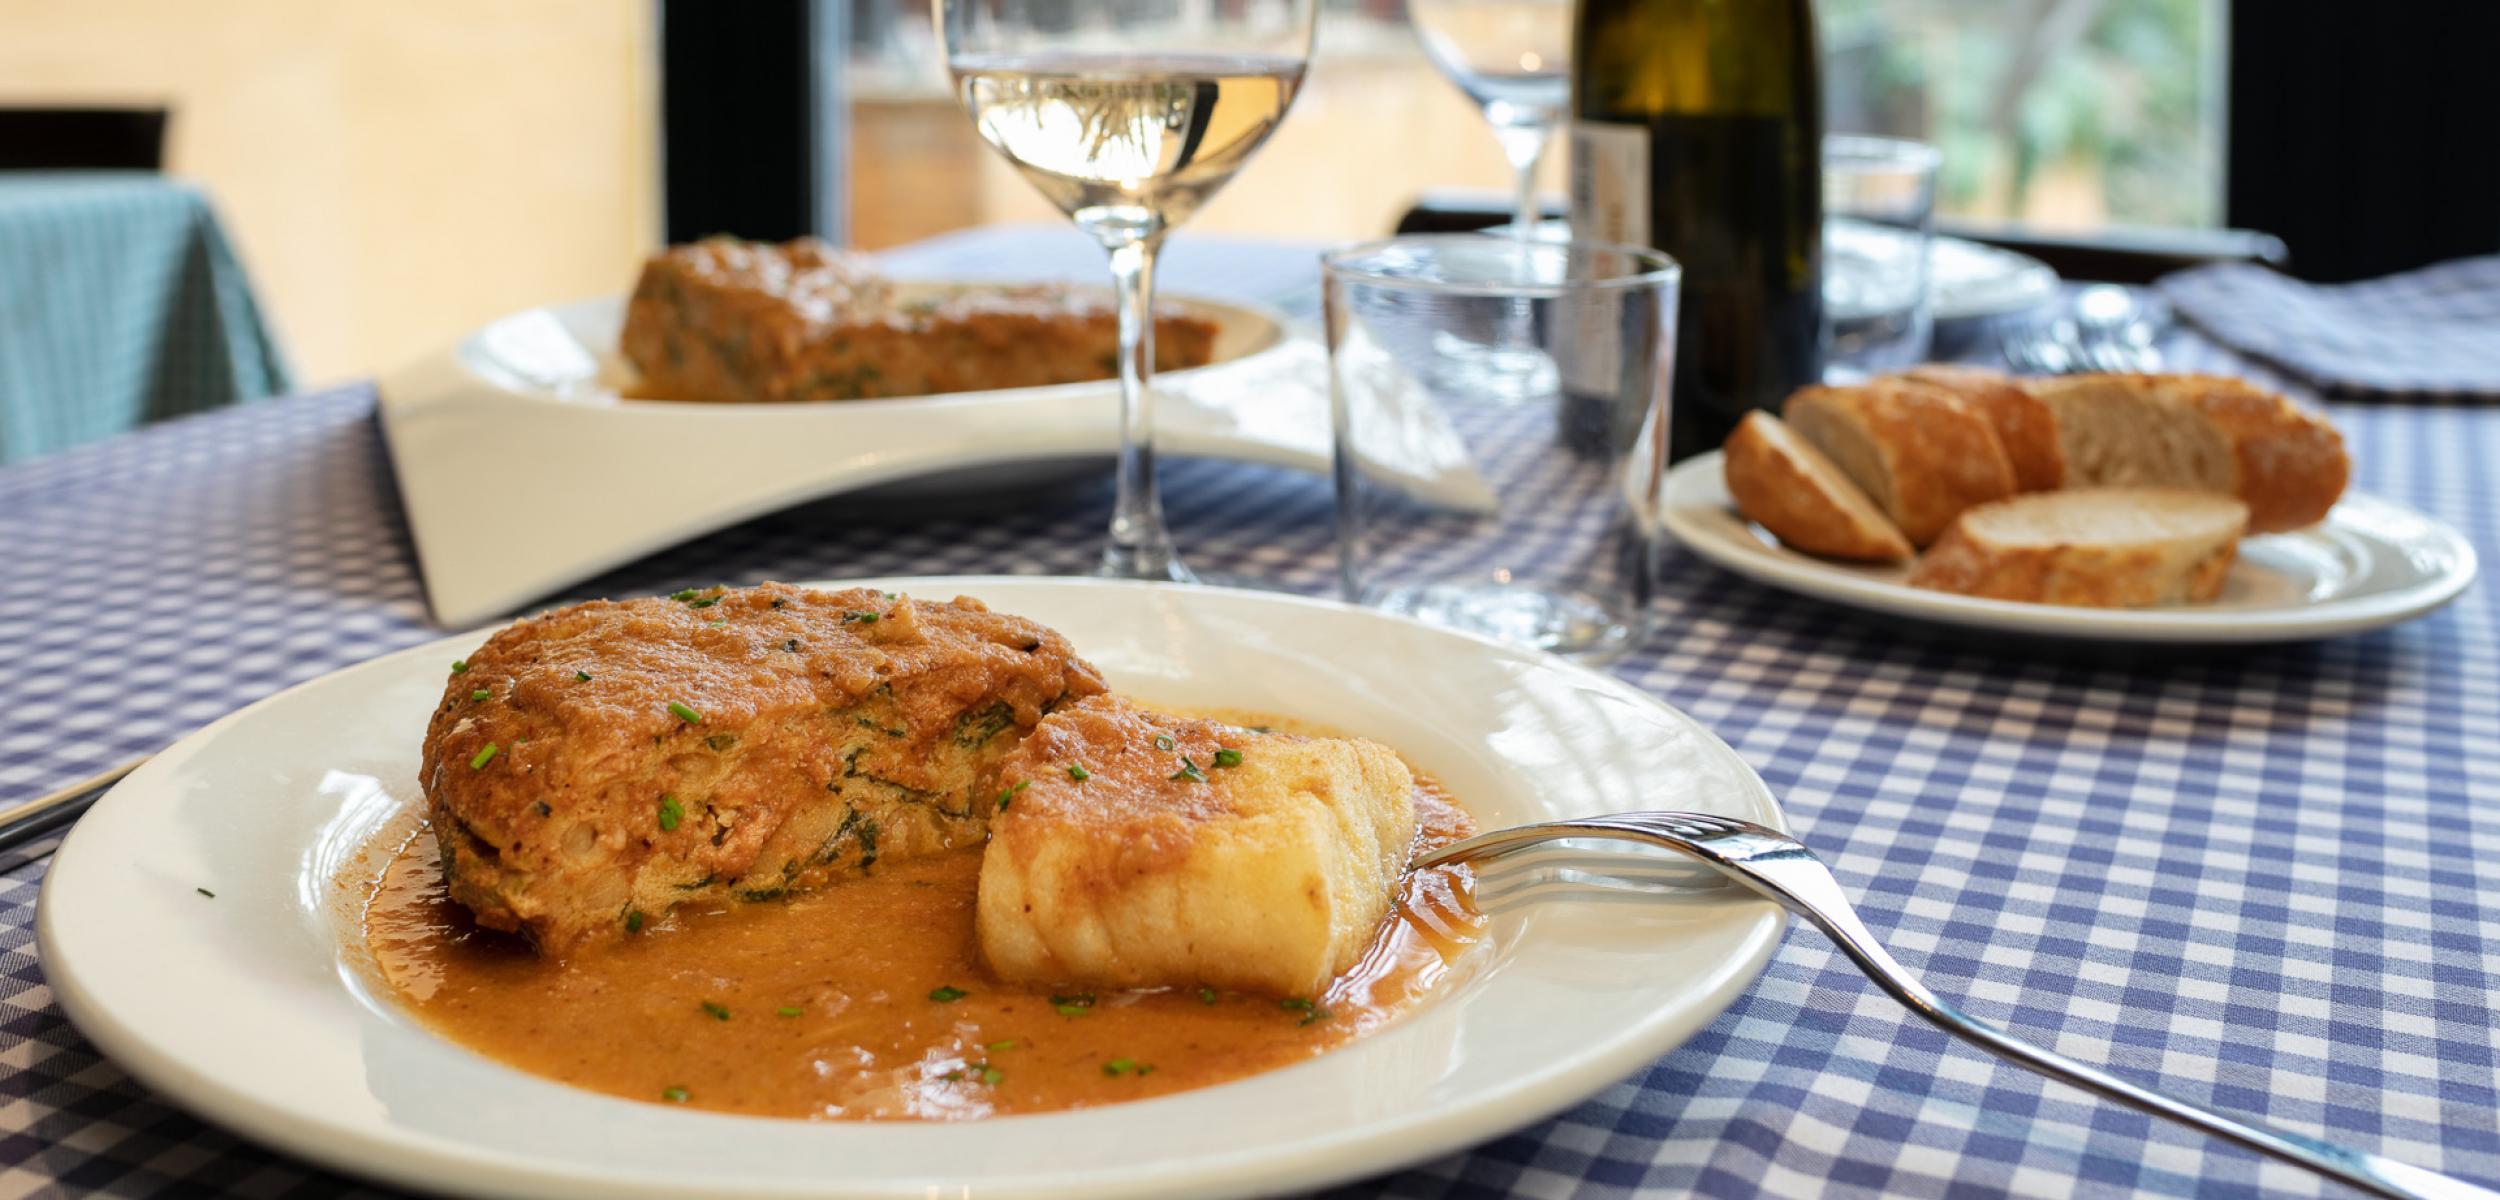 restaurante priorat cocina catalana